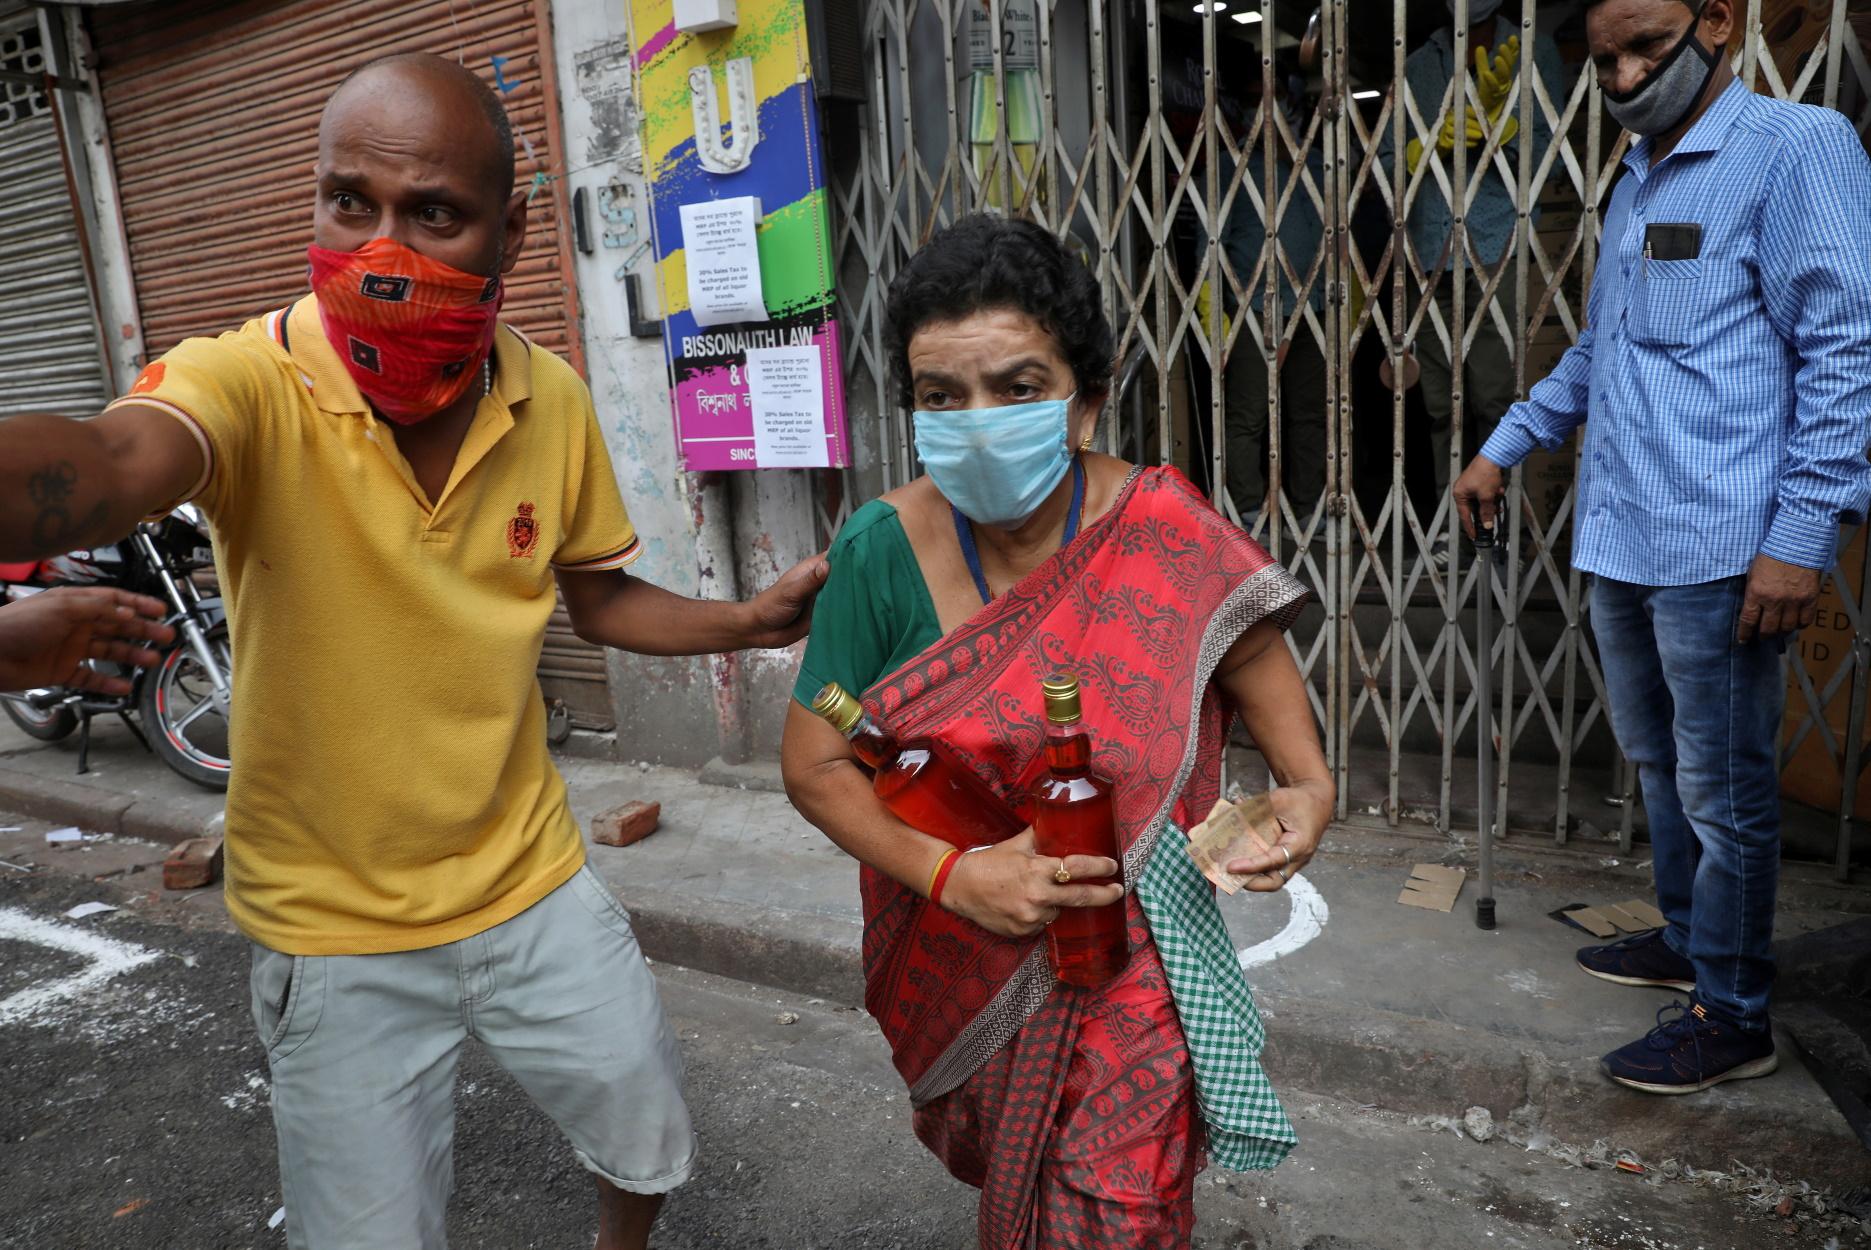 Ινδία: Ουρές για αγορά αλκοόλ μετά την καραντίνα – Επεισόδια με την αστυνομία